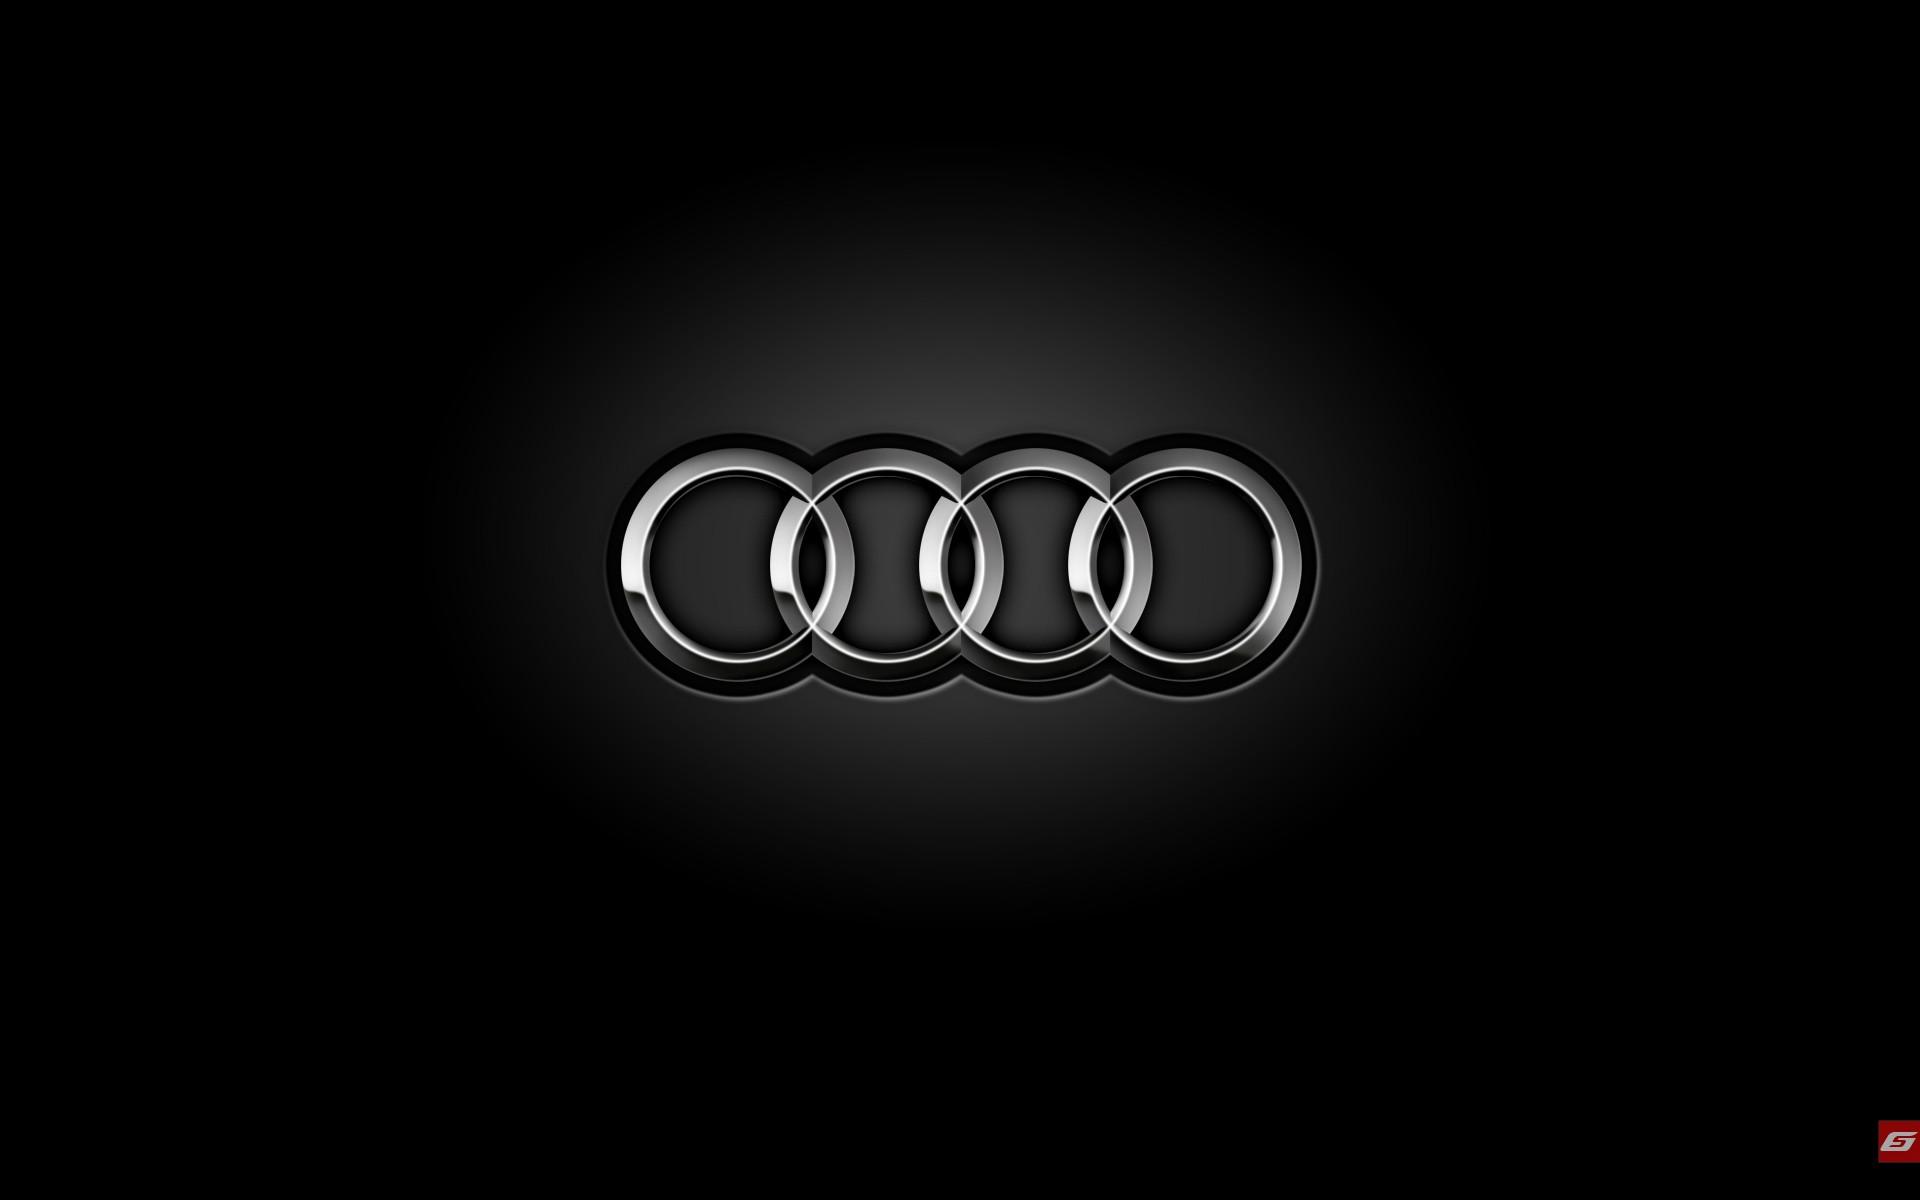 Top 10 Audi Logo Wallpaper Full HD